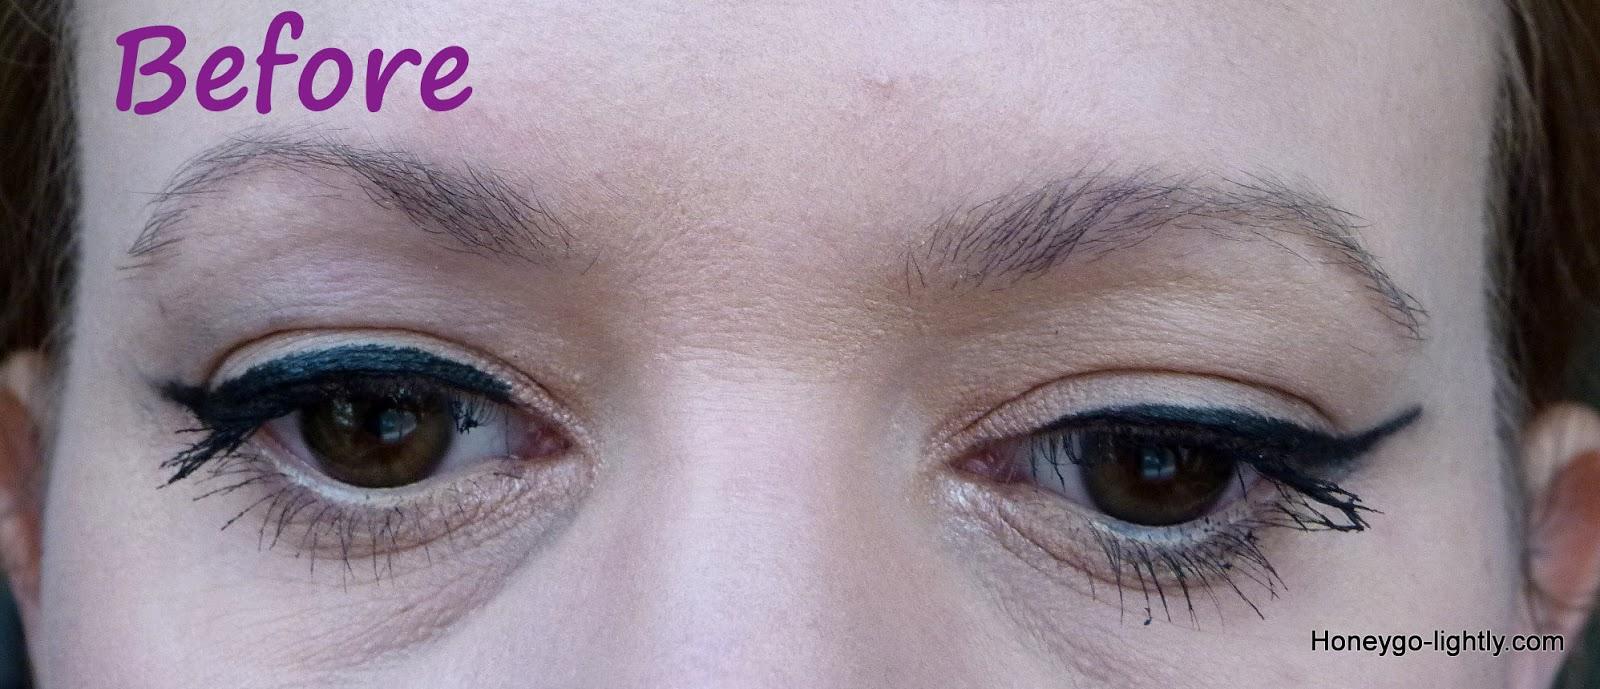 Elf Eyebrow Kits Review Swatch For Ash Light Medium Honey Go